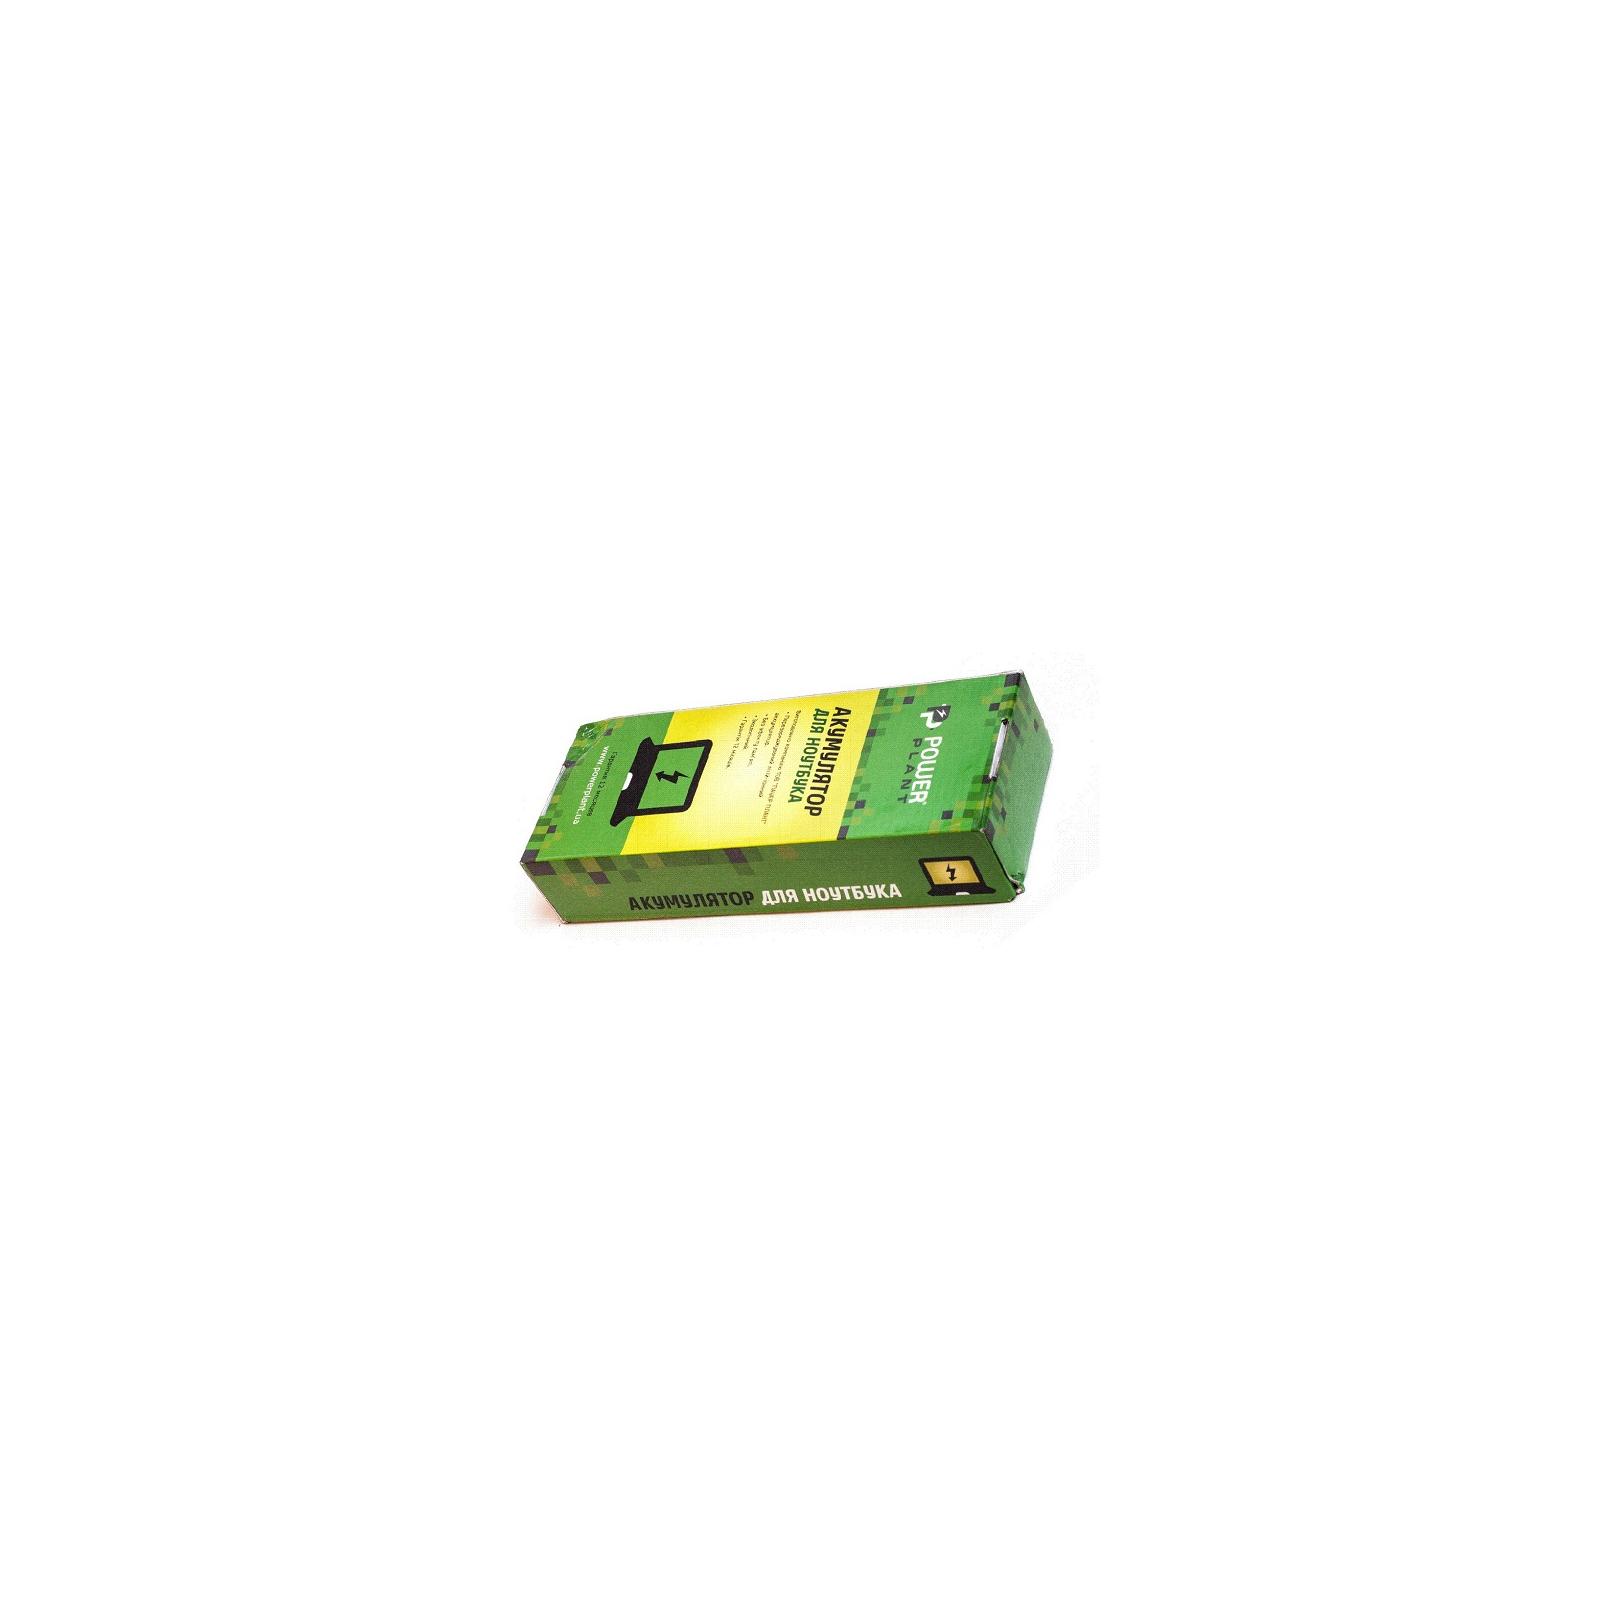 Аккумулятор для ноутбука DELL Inspiron 1400 (MN151 DE-1420-6) 11.1V 5200mAh PowerPlant (NB00000177) изображение 3